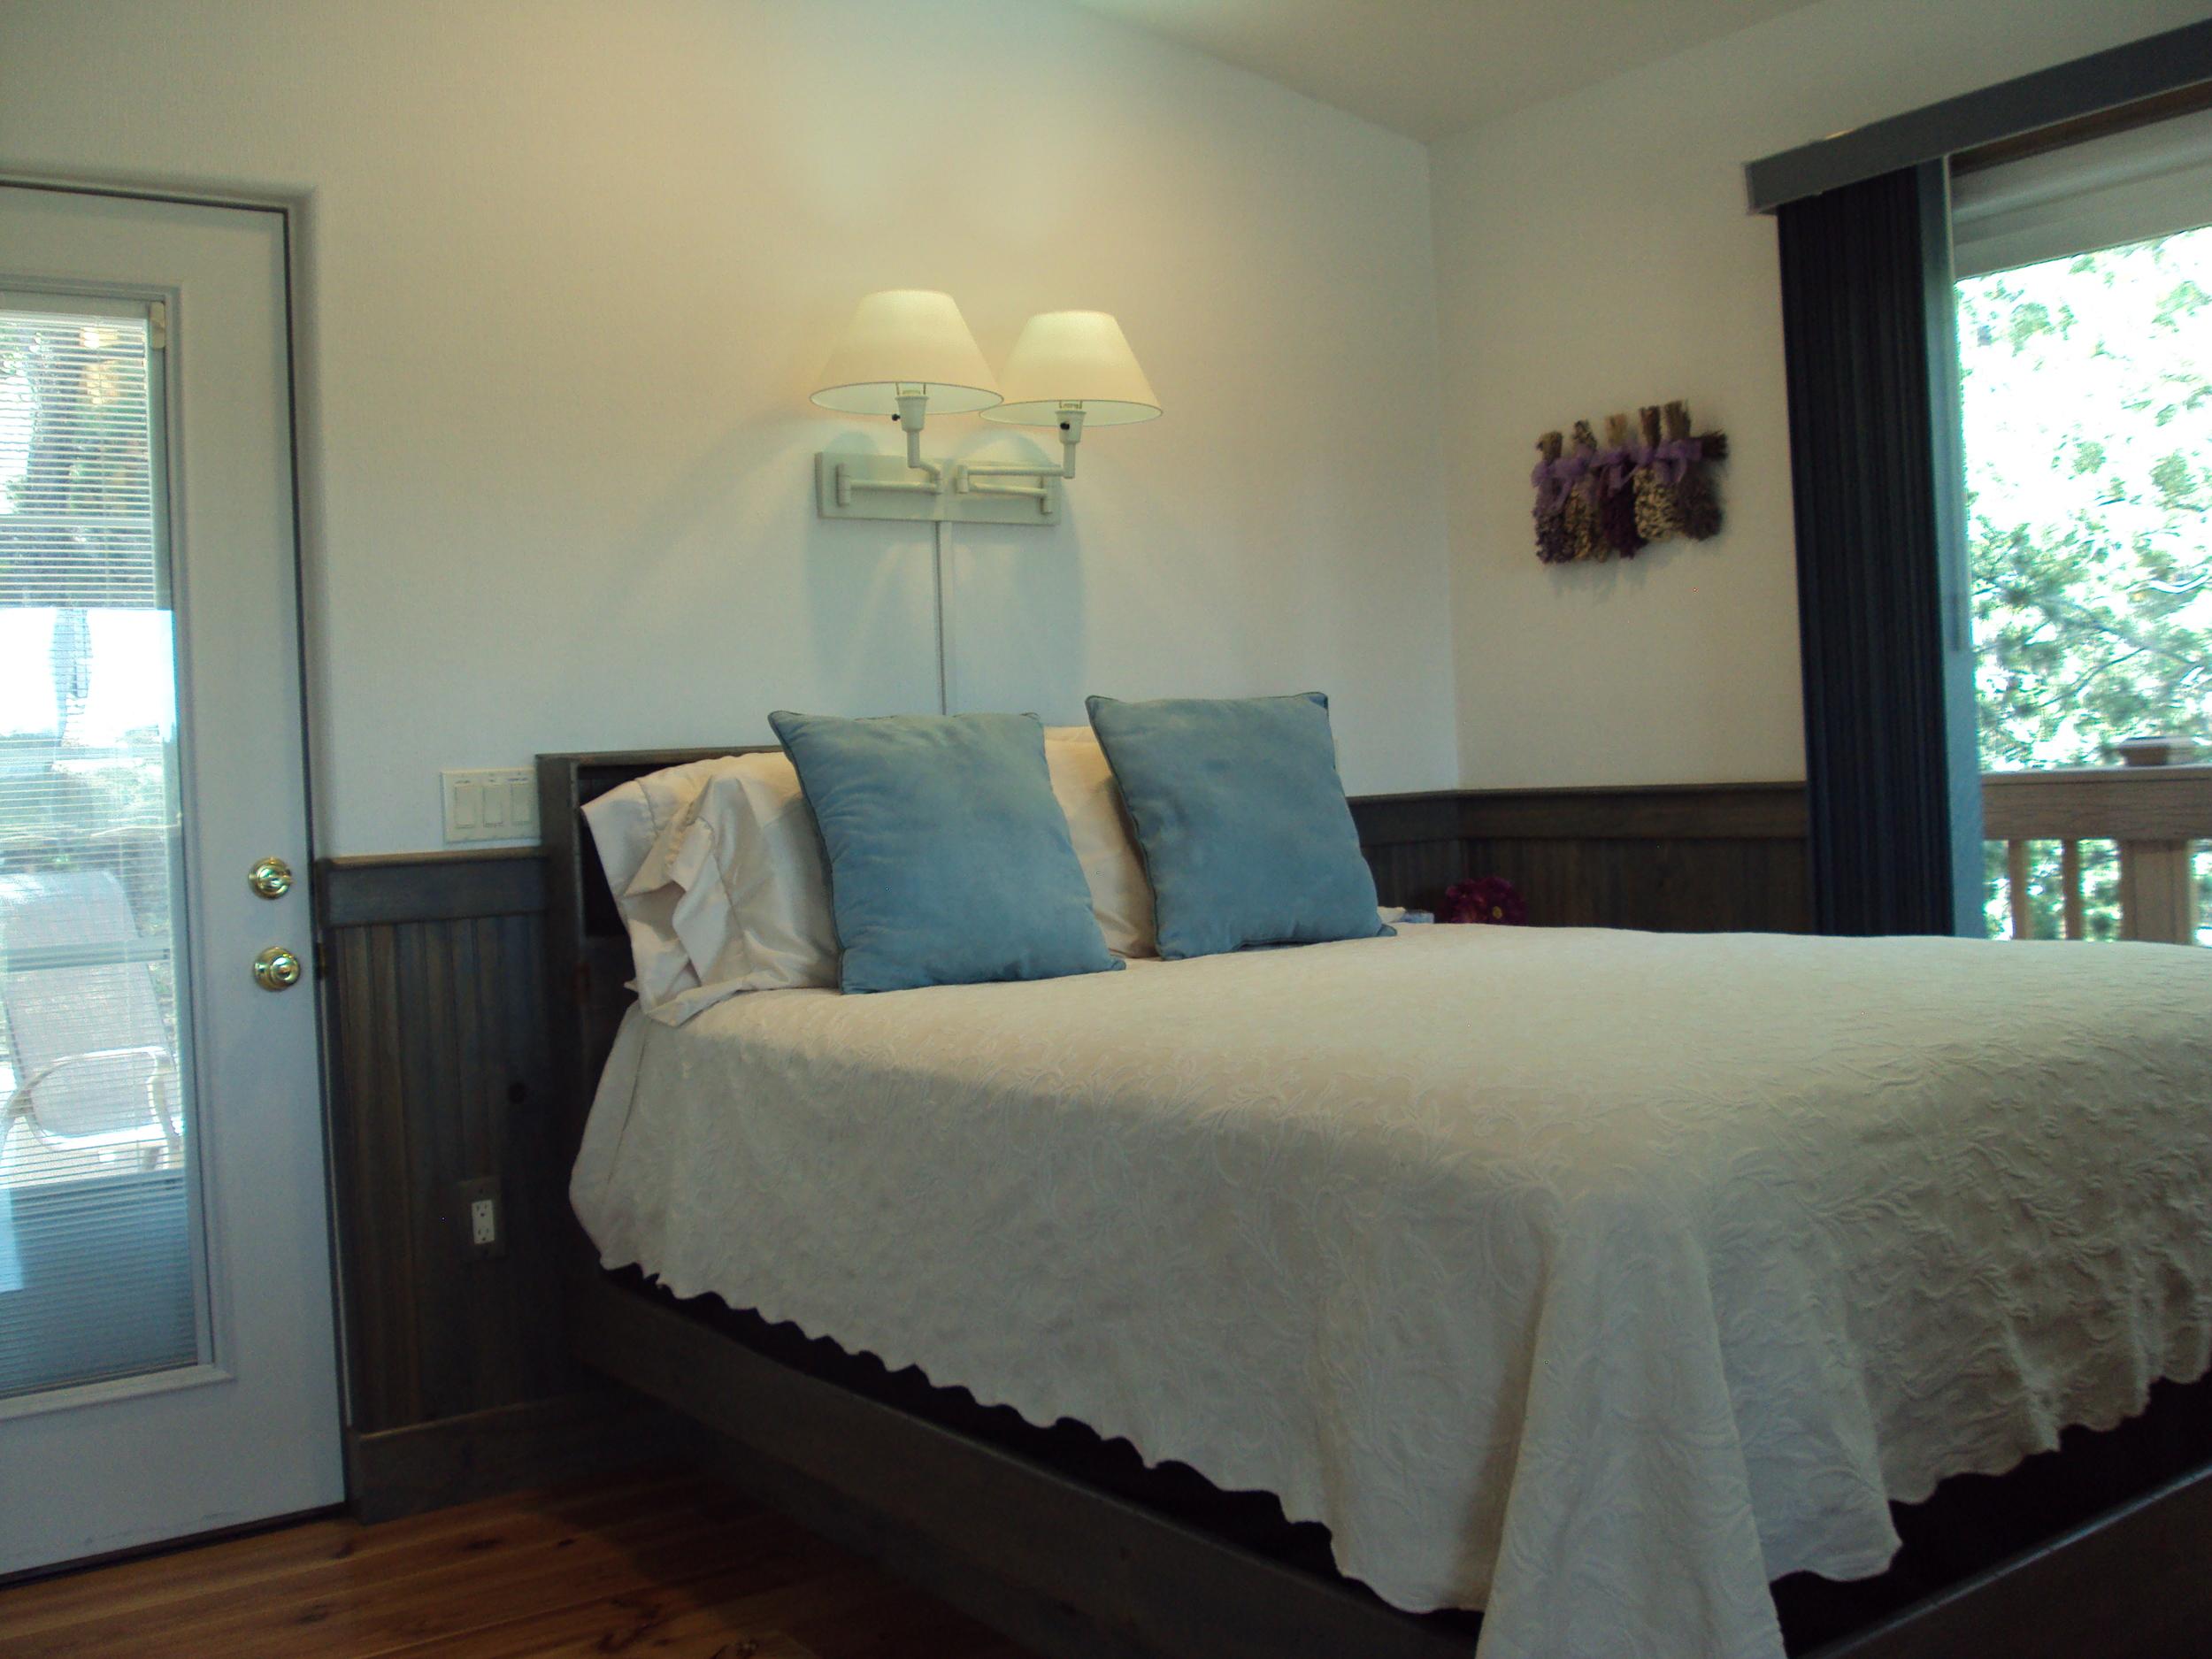 Spring/summer bedroom decor